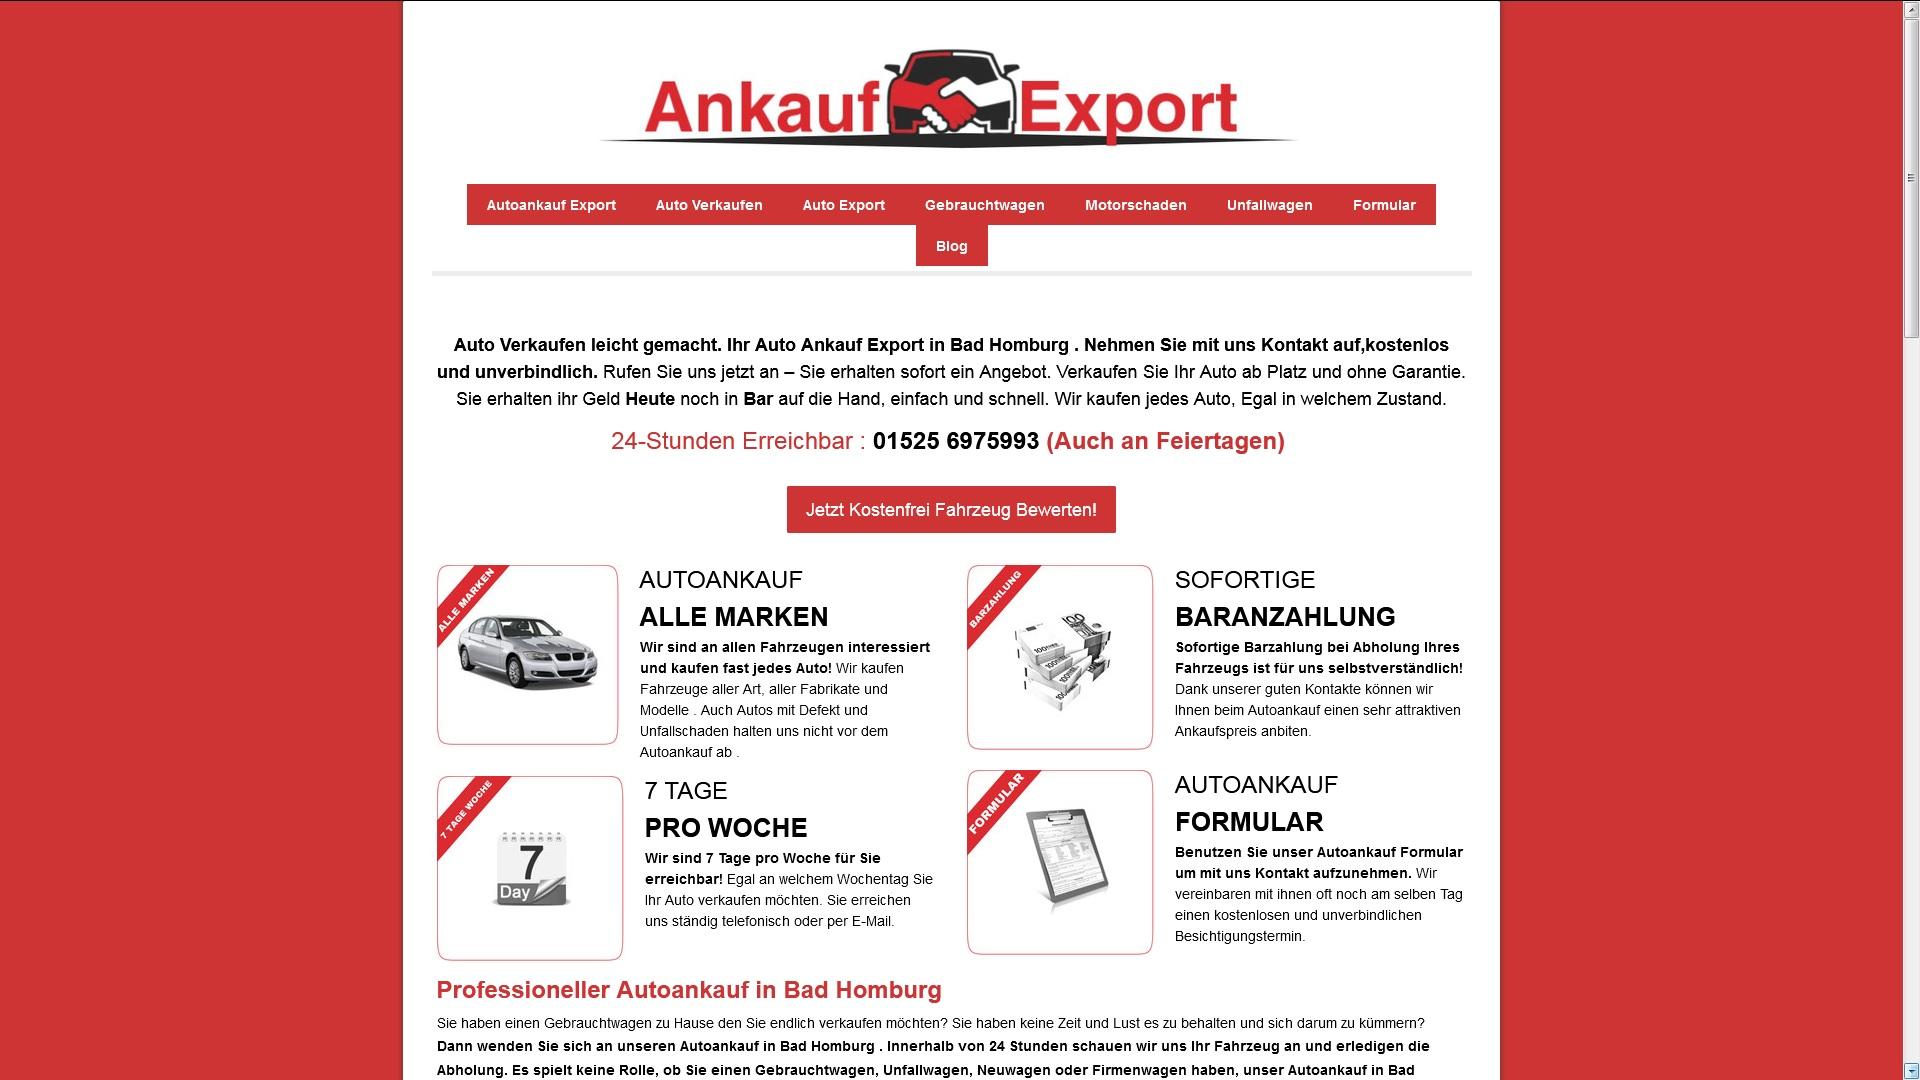 autoankauf mainz erkaufen sie ihr auto ab platz und ohne garantie - Autoankauf Mainz erkaufen Sie Ihr Auto ab Platz und ohne Garantie